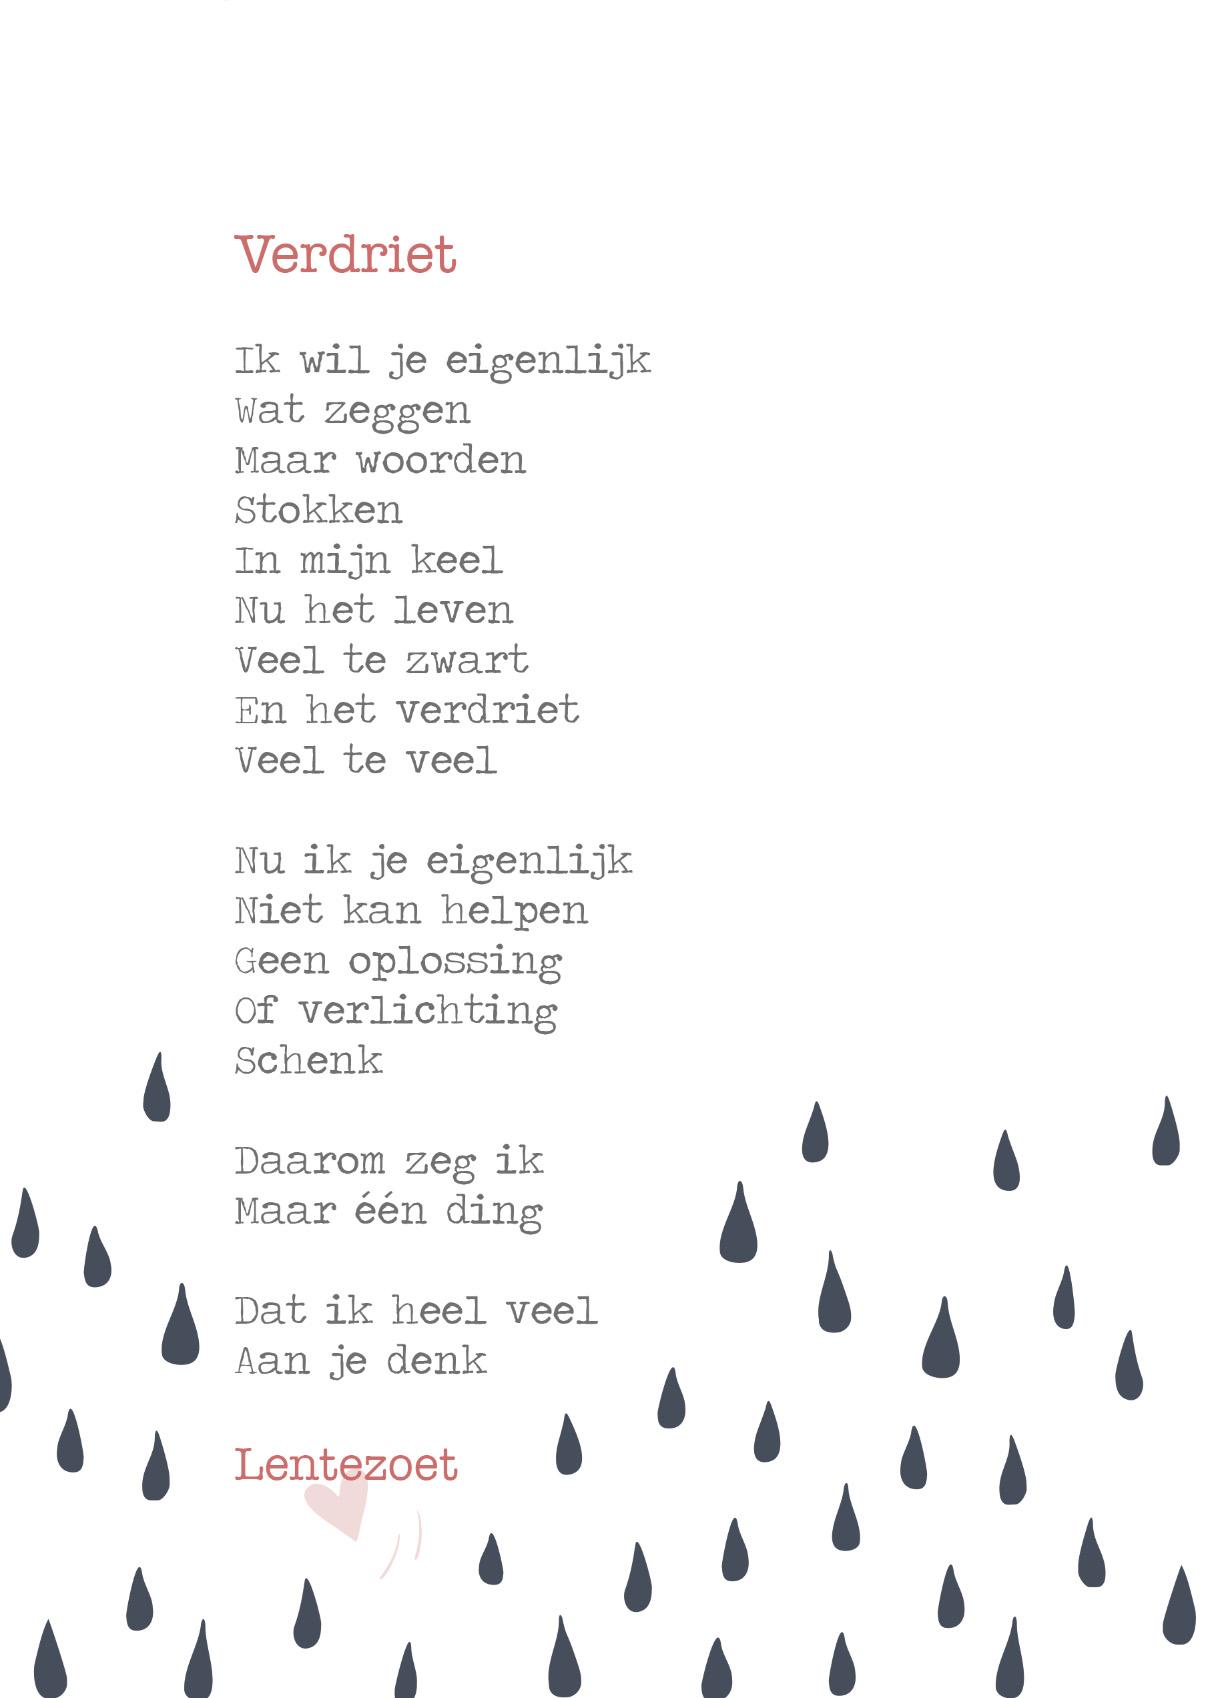 Nieuw Verdriet, gedicht door Lentezoet, pakkend troostend HH-63